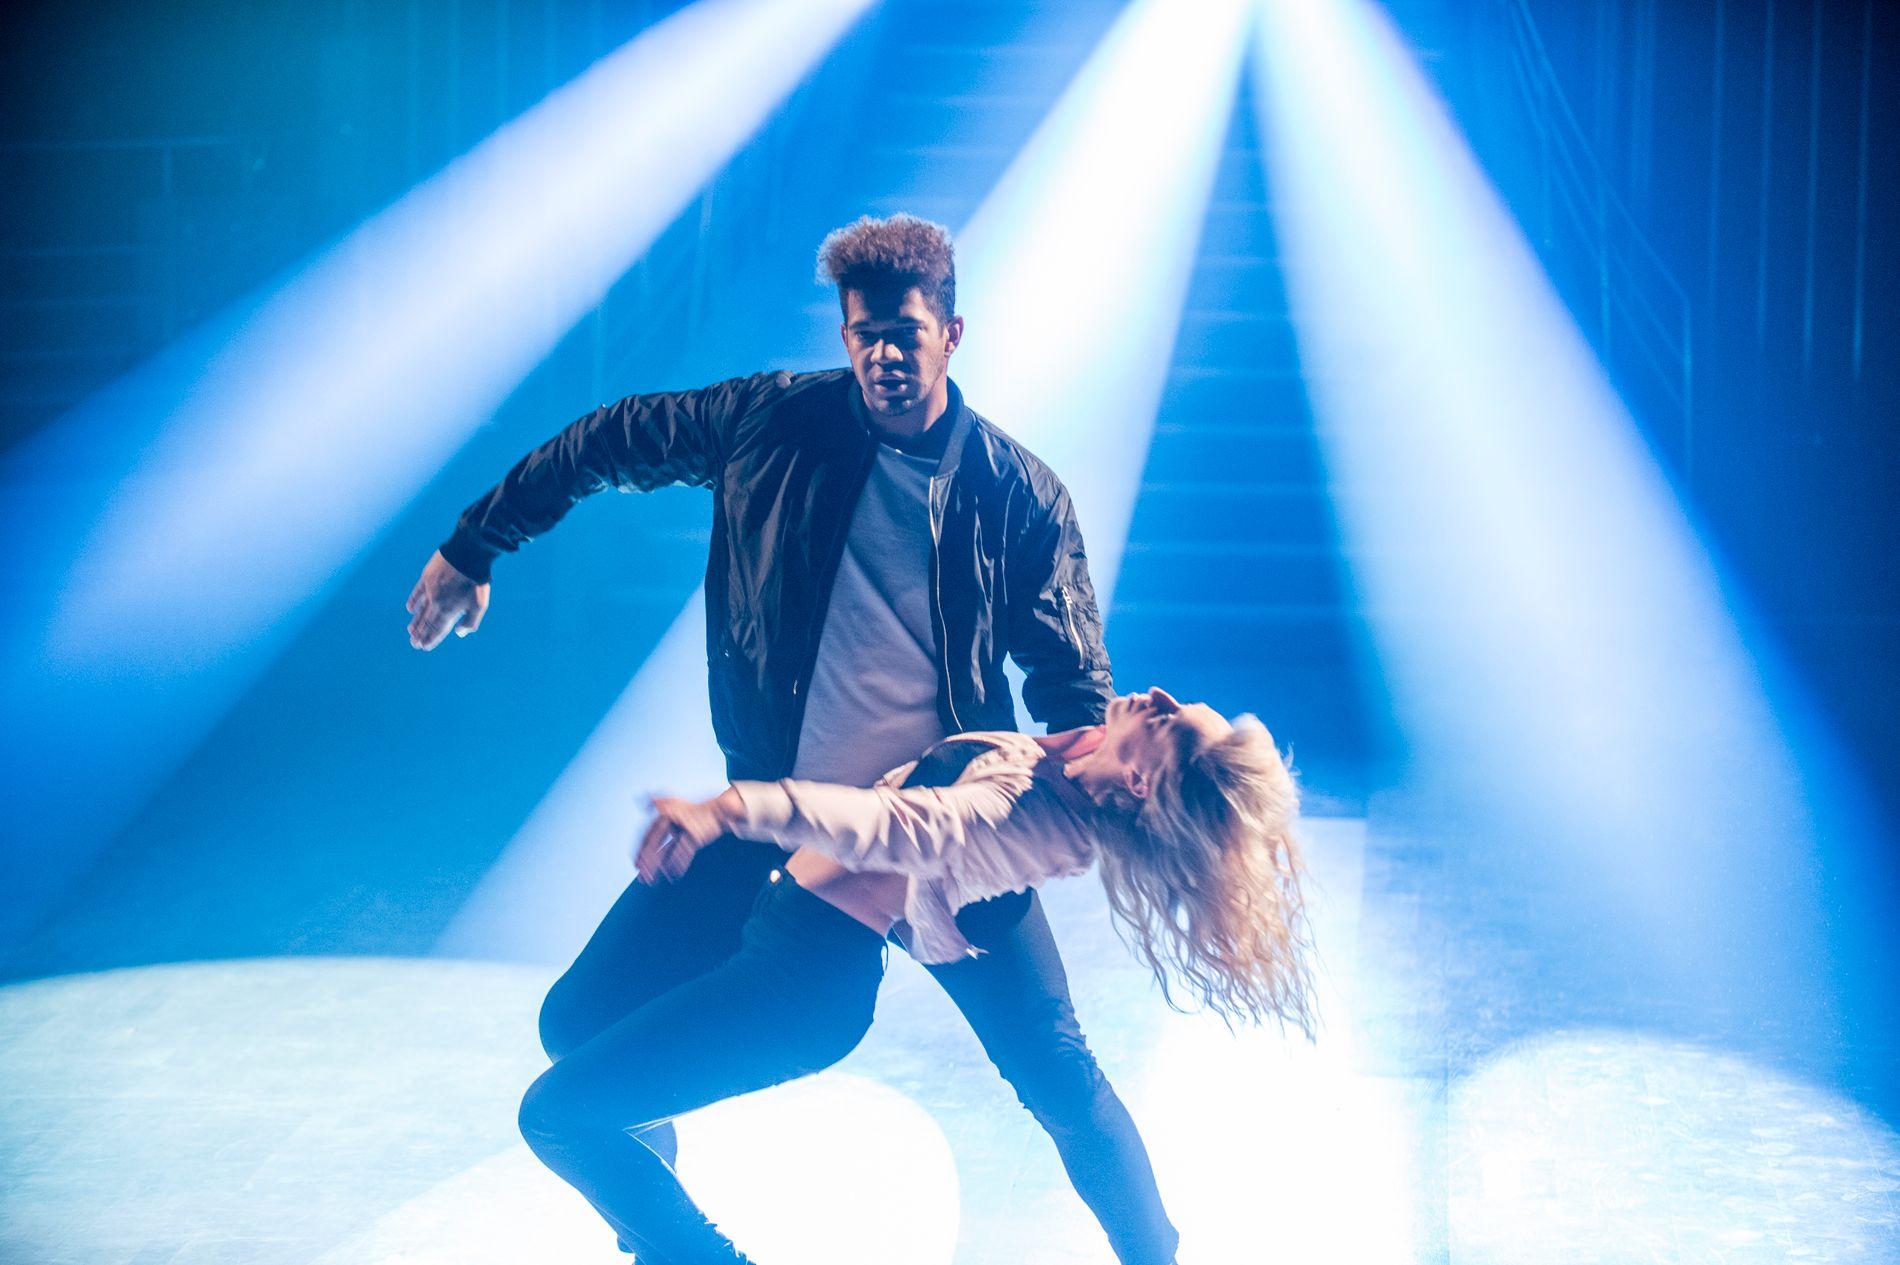 UNDERHOLDNING TAPER: Stadig færre ser underholdningsprogrammer, her representert ved «Skal vi danse» – finalen i 2016 og finalistene Markus Baily, Raylee og Eilev Bjerkerud, via lineær-TV.